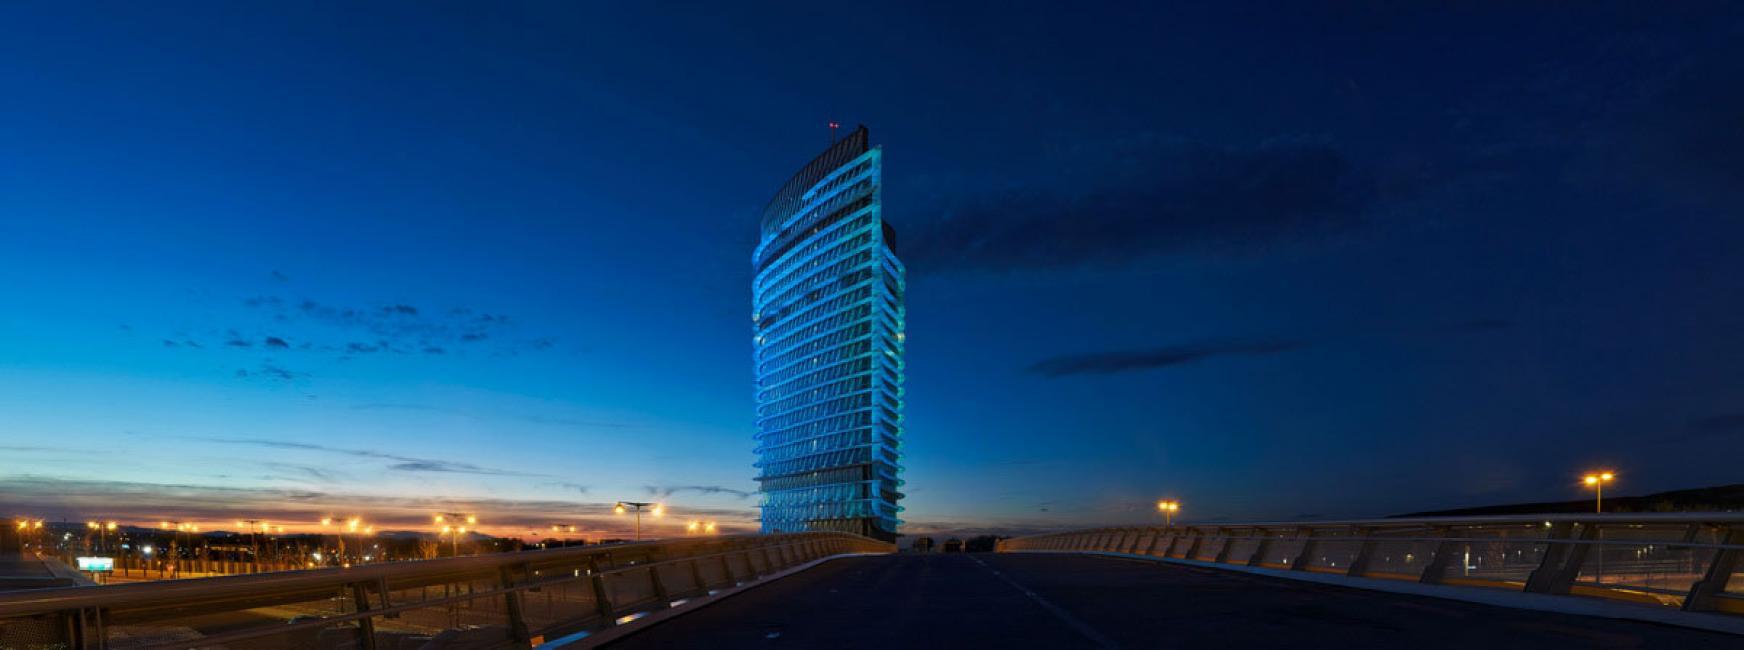 Fotografía de Hugo Rodriguez para Nthephoto. Torre del agua, Zaragoza. Esta es una panorámica construida con 5 fotos verticales.